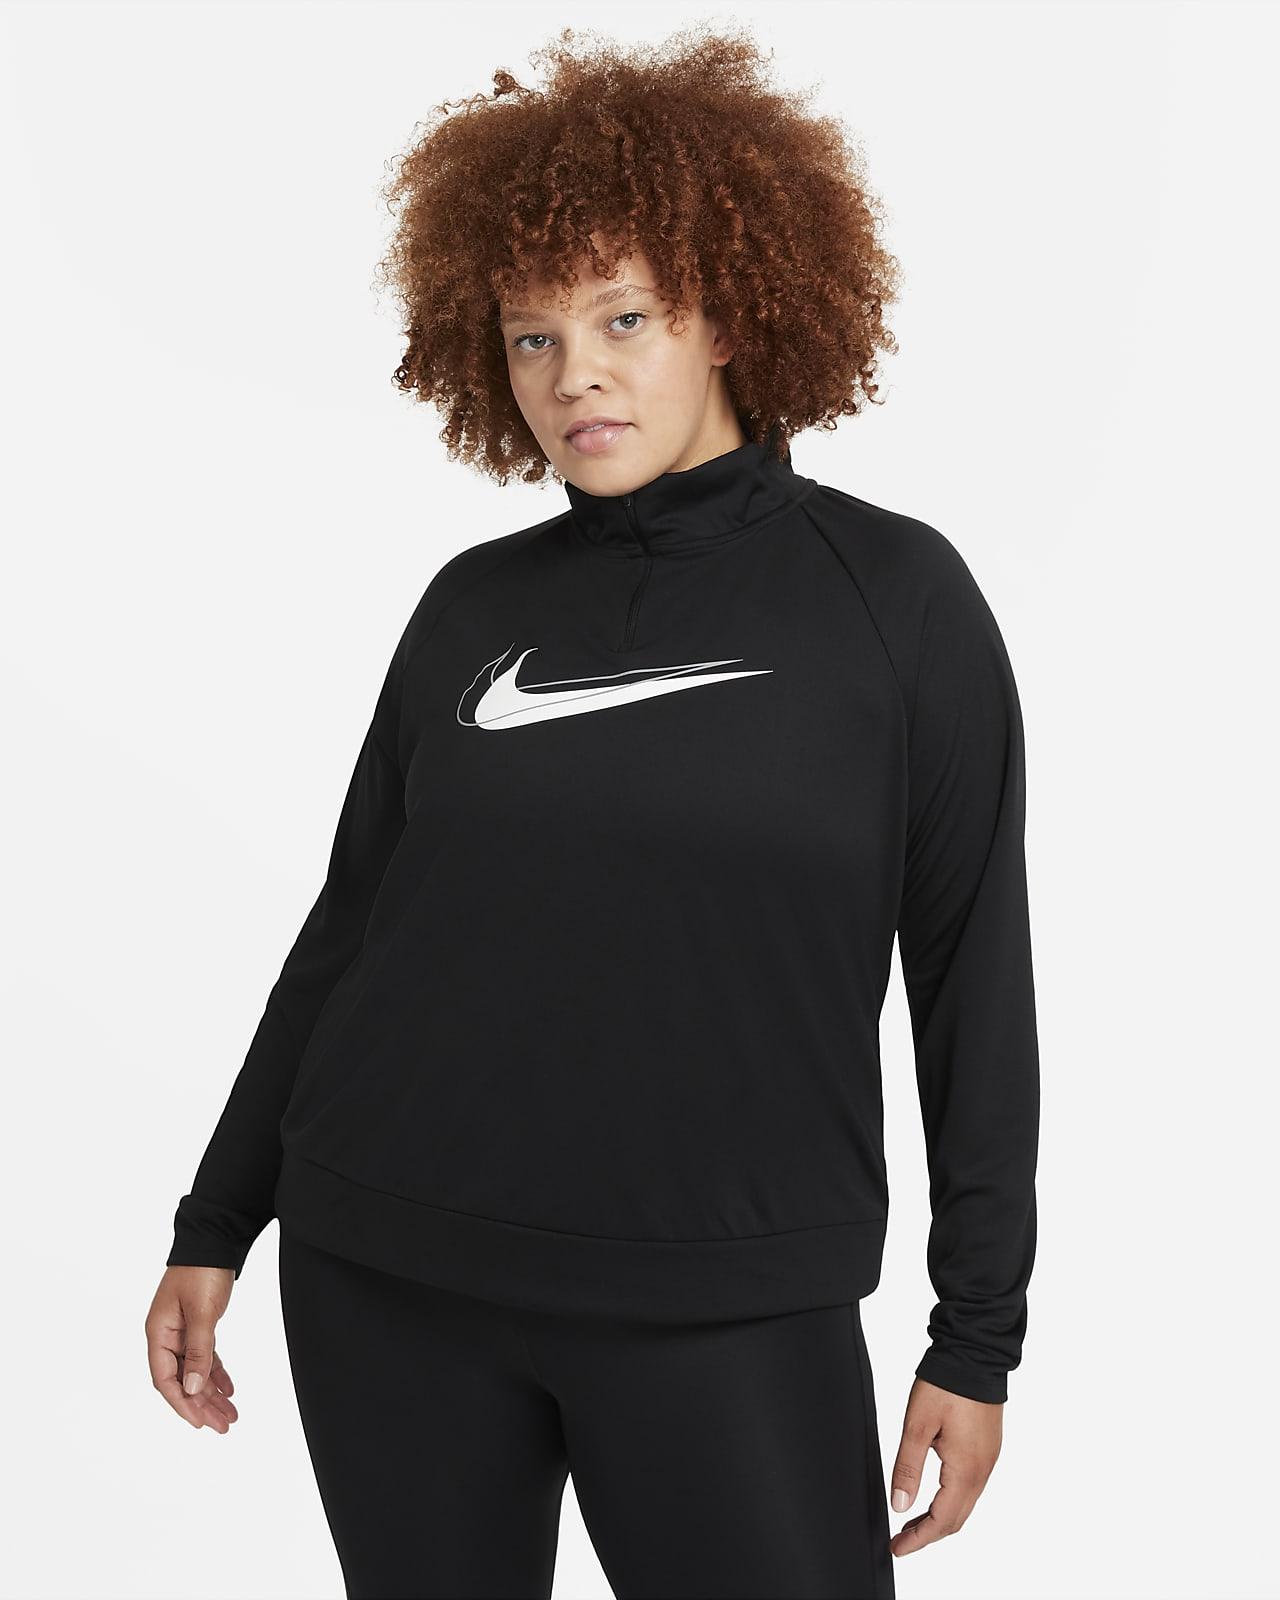 Женская беговая куртка с молнией на половину длины Nike Dri-FIT Swoosh Run (большие размеры)